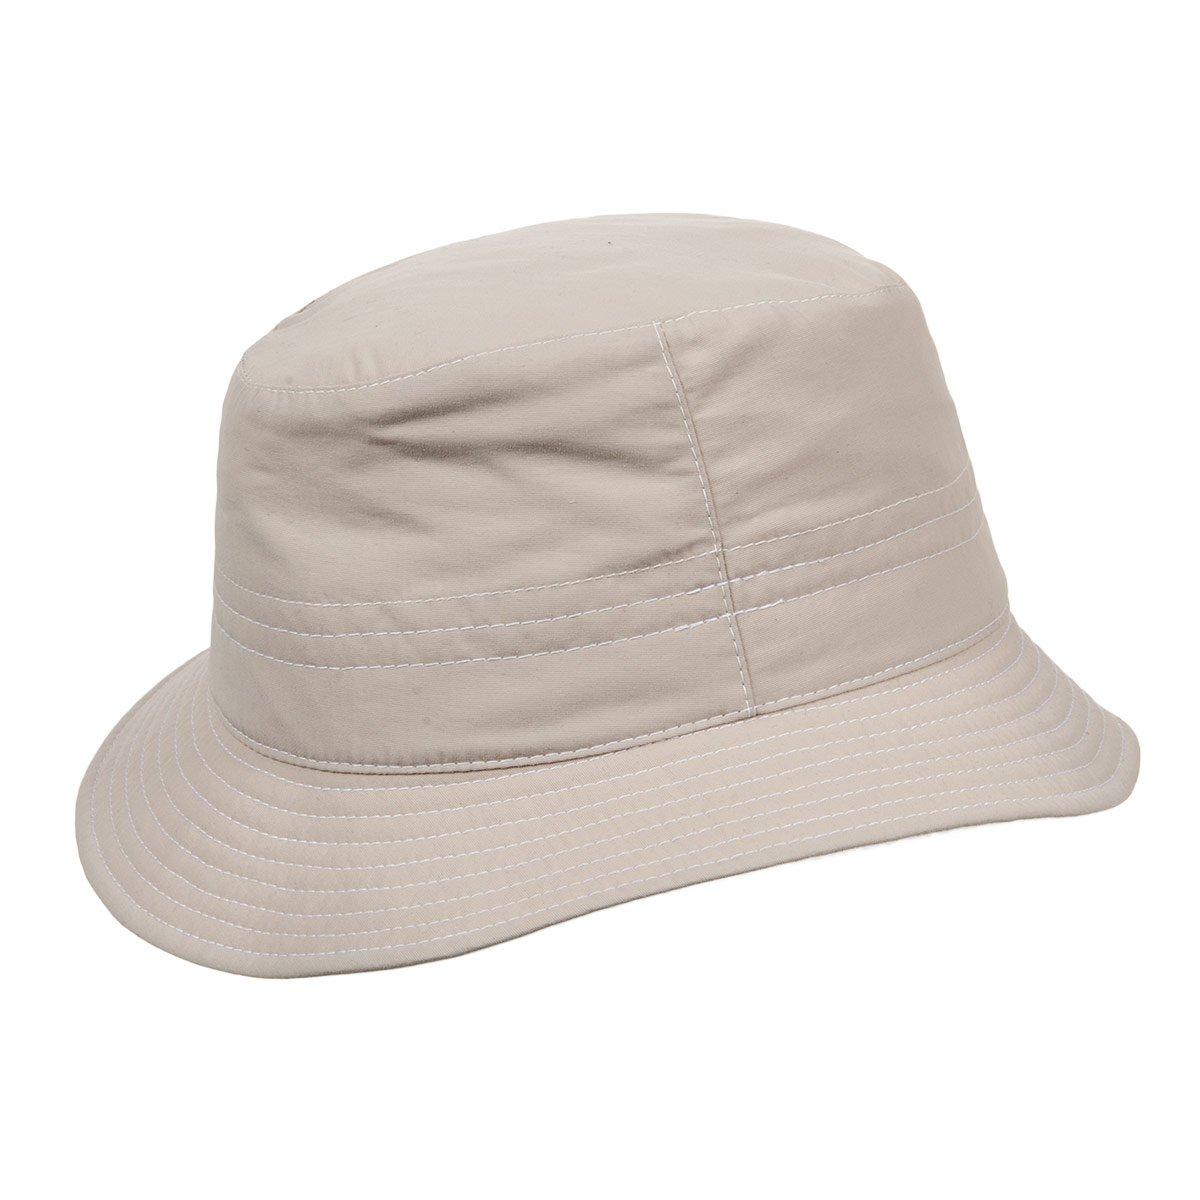 cappello a pescatore con protezione UV60+ firmato MAYSER ... 4e9b2a6163f2